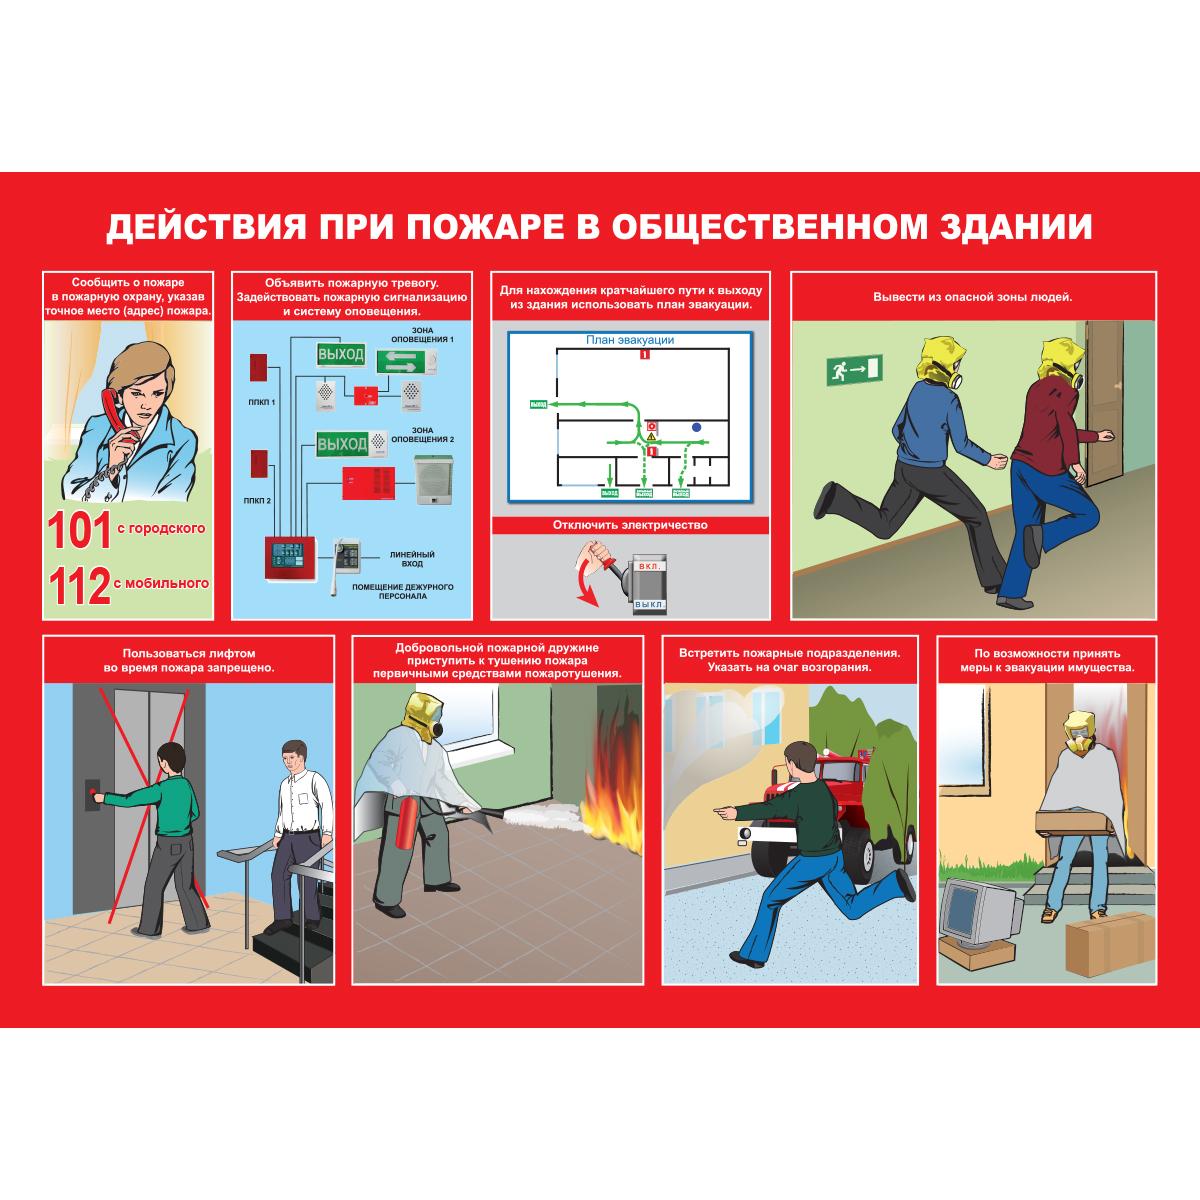 инструкция по пожарной охране здания